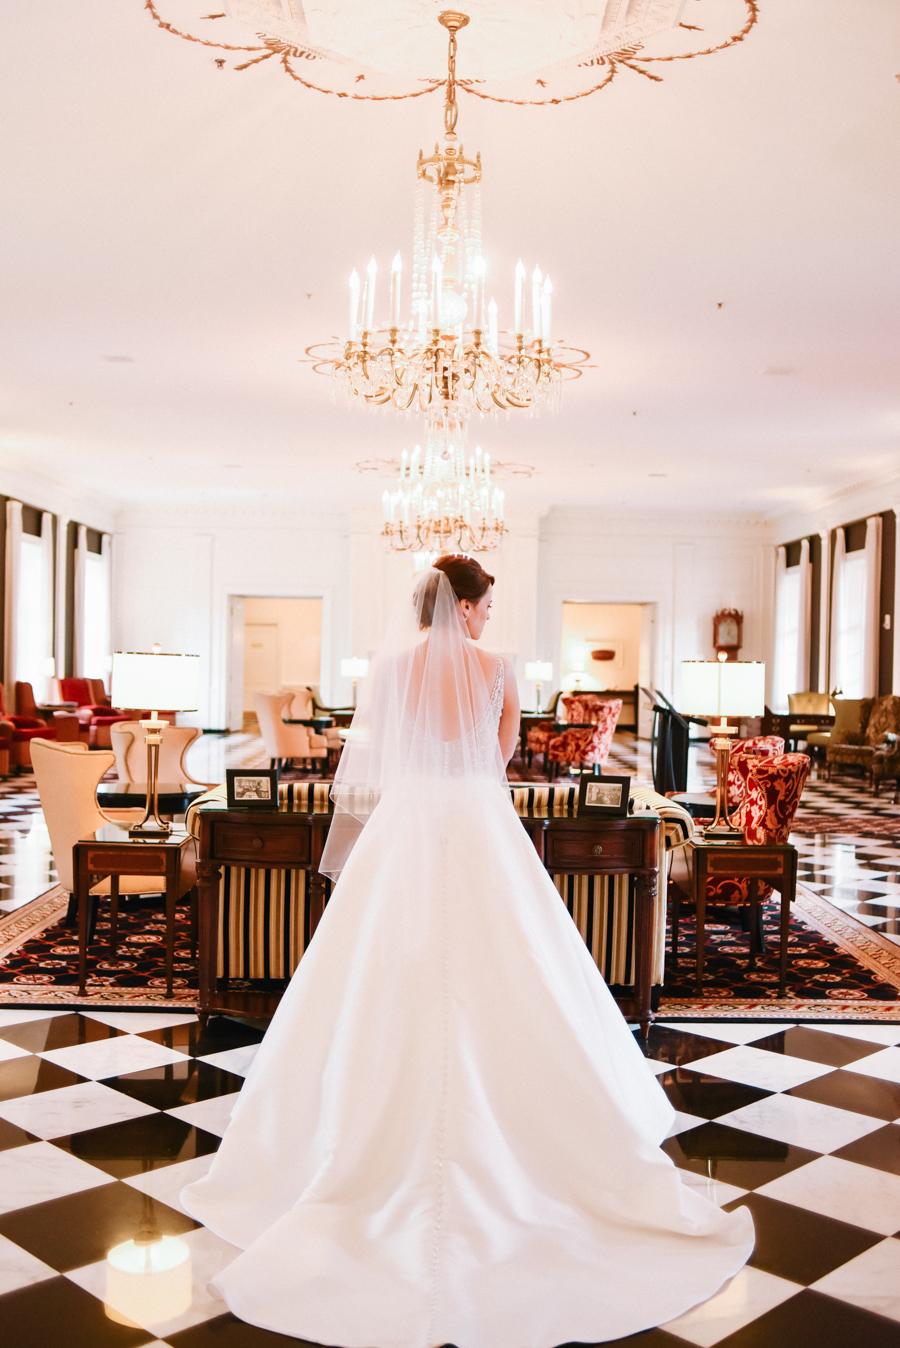 Dearborn_Inn_Wedding_Photos-39.jpg